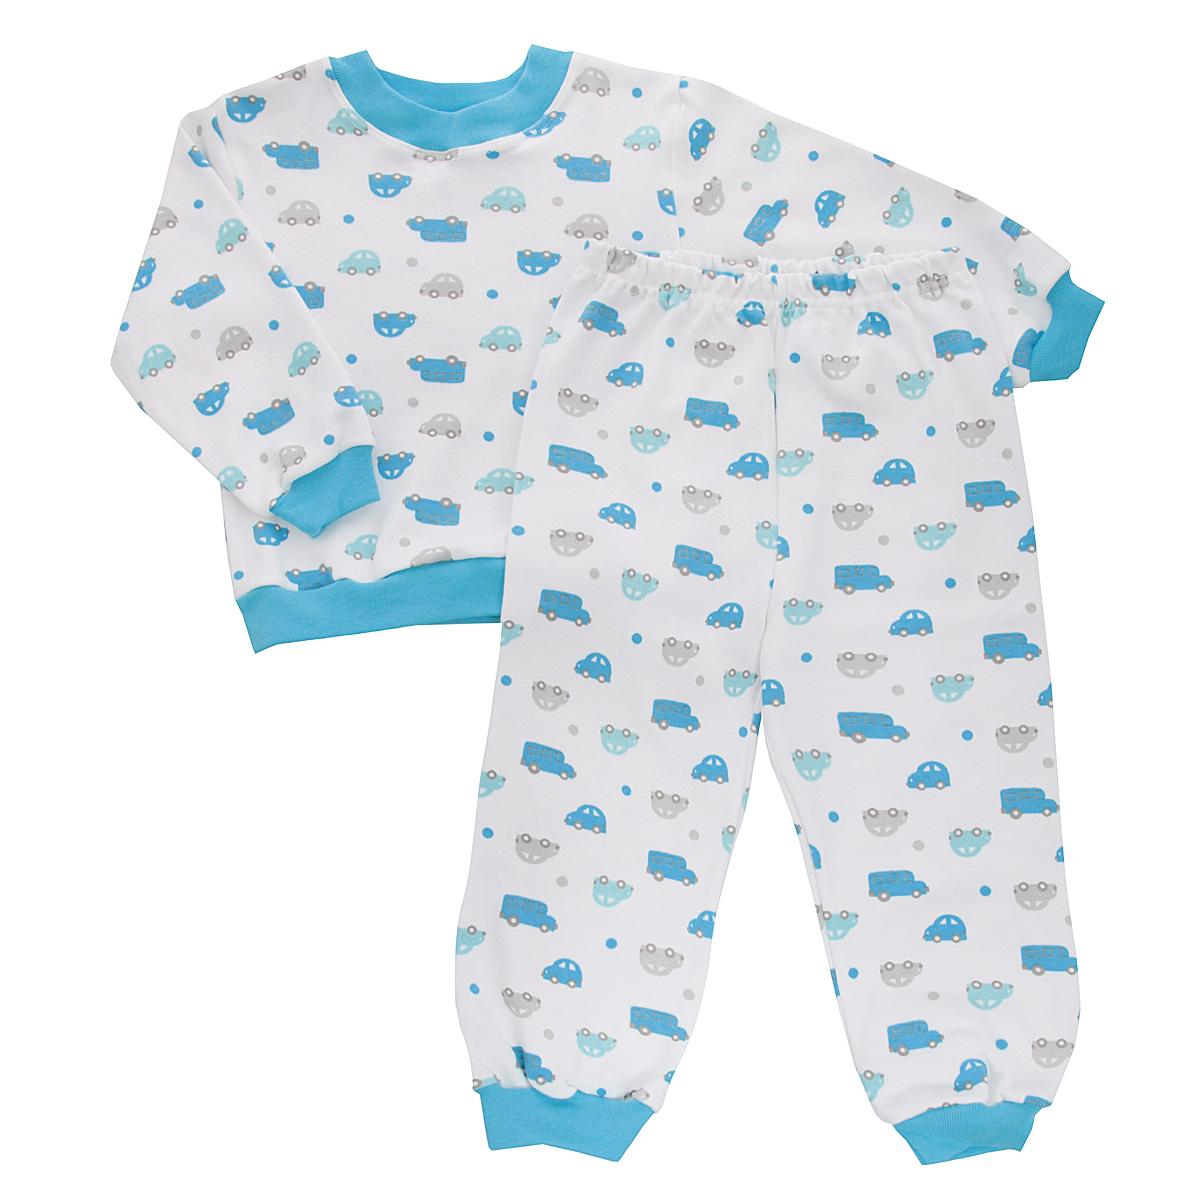 Пижама5555_машинкиУютная пижама для мальчика Трон-плюс, состоящая из джемпера и брюк, идеально подойдет вашему ребенку и станет отличным дополнением к детскому гардеробу. Изготовленная из натурального хлопка, она необычайно мягкая и легкая, не сковывает движения, позволяет коже дышать и не раздражает даже самую нежную и чувствительную кожу ребенка. Джемпер с длинными рукавами имеет круглый вырез горловины. Низ изделия, рукава и вырез горловины дополнены широкой трикотажной резинкой контрастного цвета. Брюки на талии имеют эластичную резинку, благодаря чему не сдавливают живот ребенка и не сползают. Низ брючин дополнен широкими эластичными манжетами контрастного цвета. Оформлено изделие ненавязчивым принтом с изображением машинок. В такой пижаме ваш ребенок будет чувствовать себя комфортно и уютно во время сна.